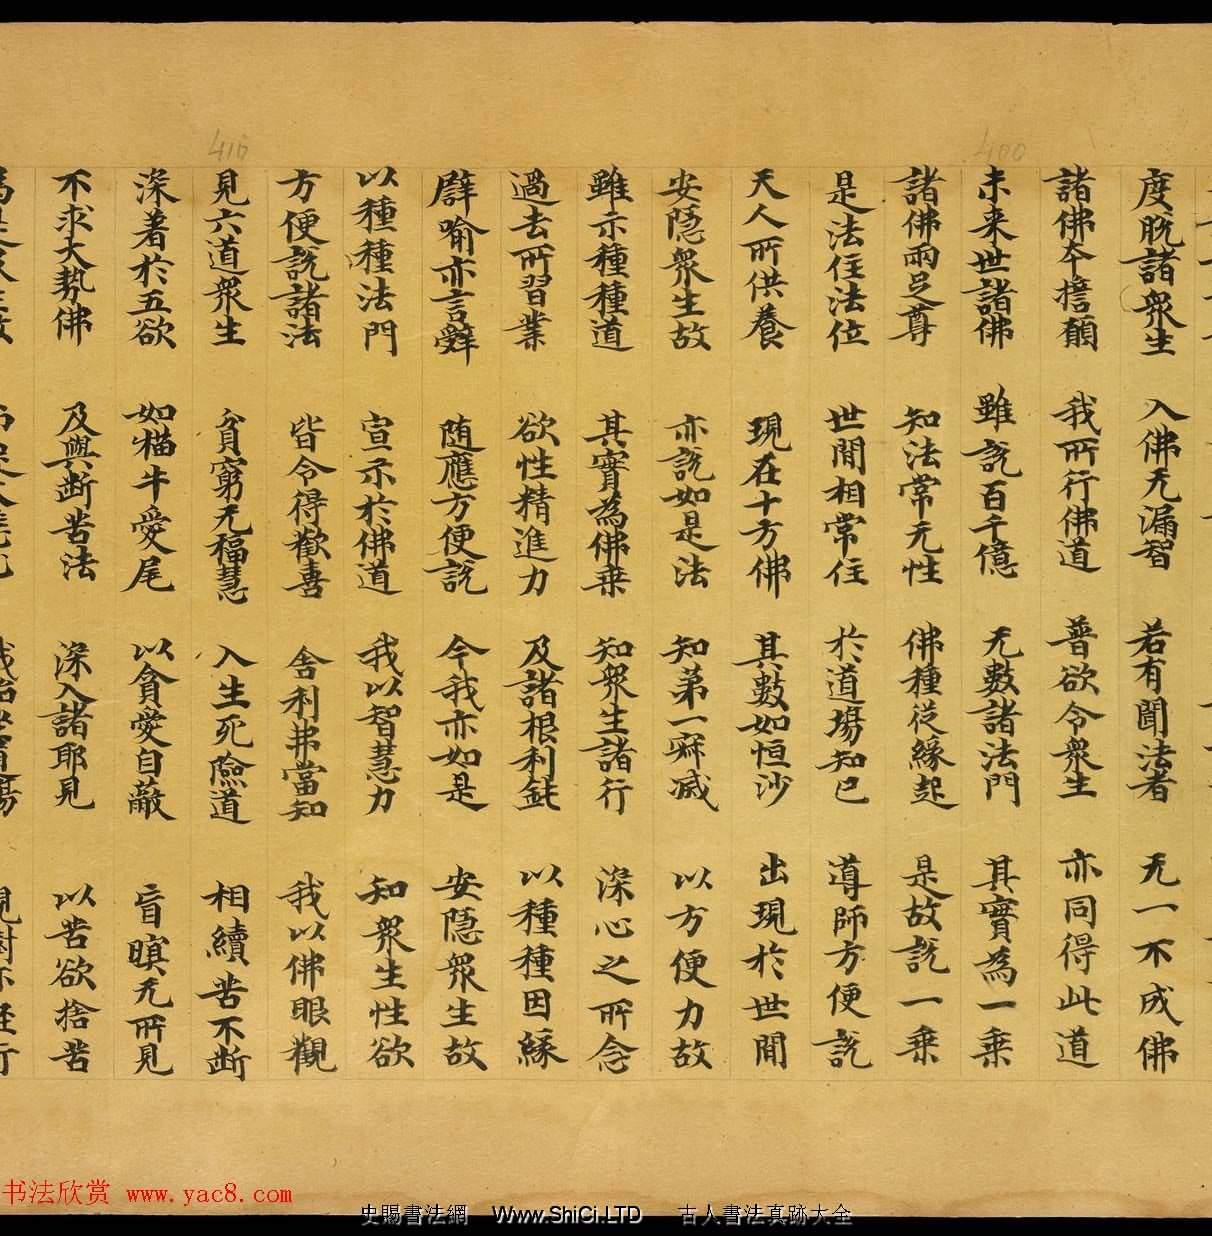 敦煌文獻欣賞《妙法蓮華經卷第一》俄羅斯科學院藏品